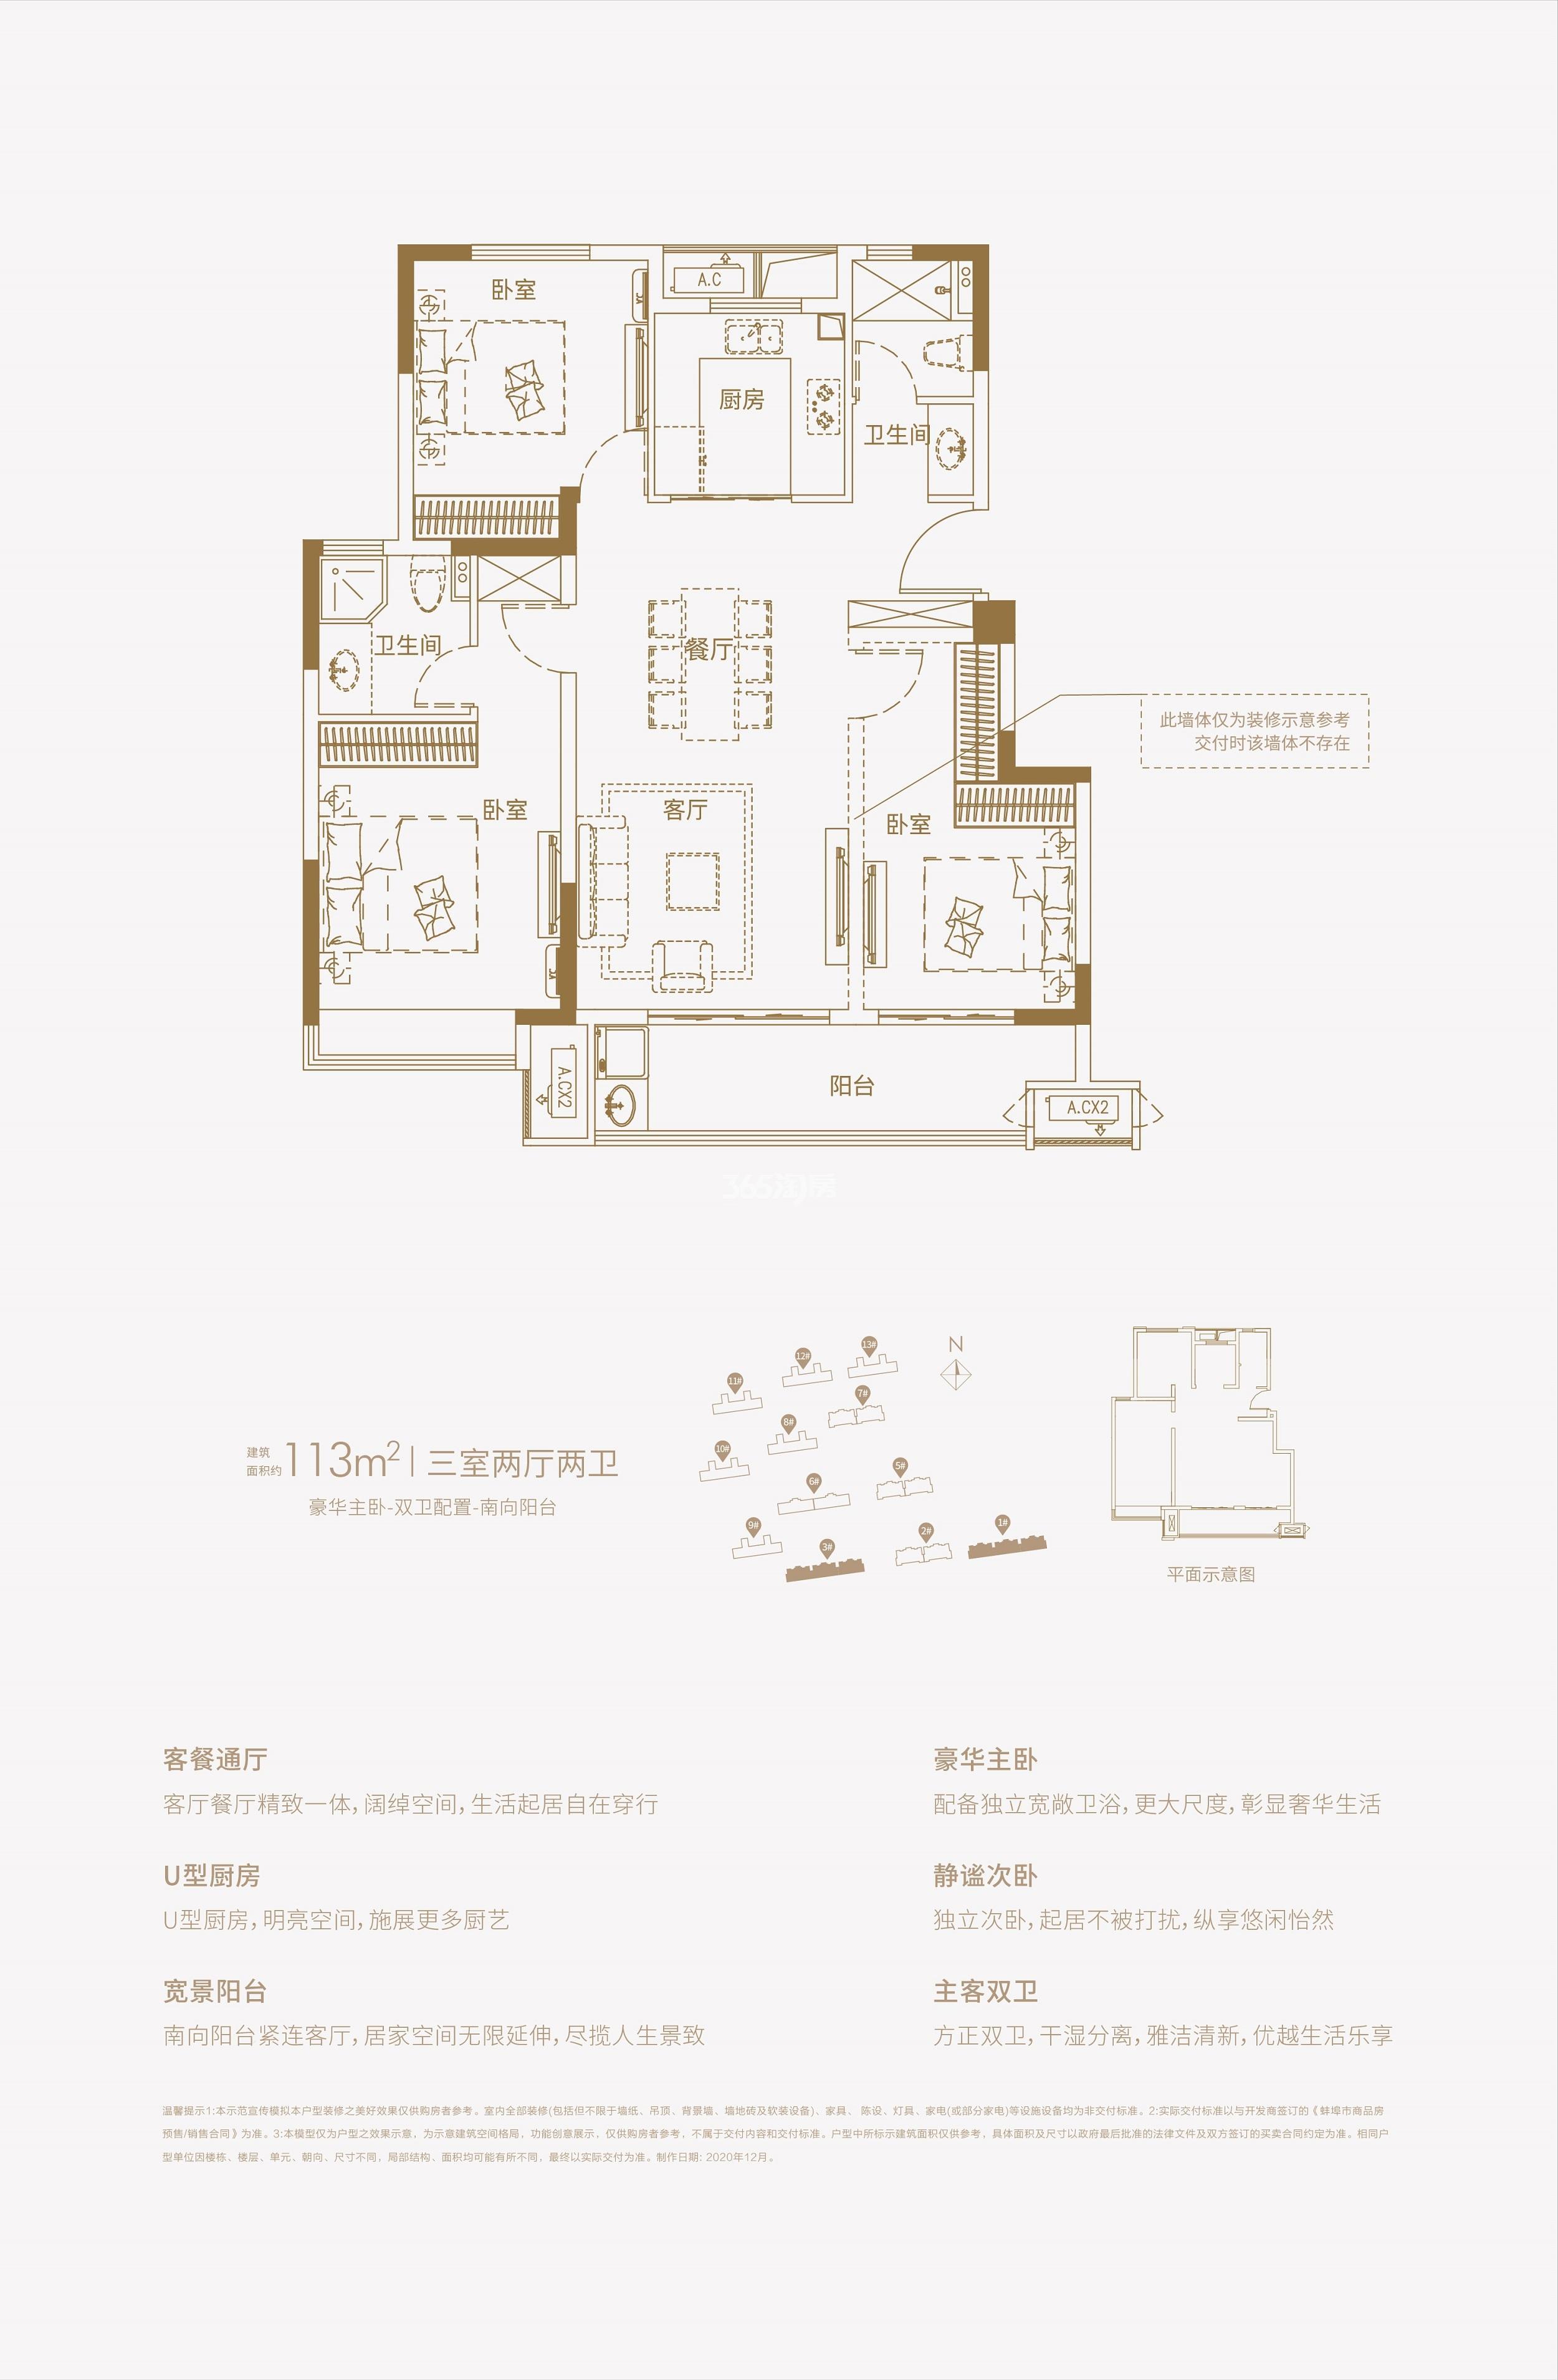 新城怡康时光印象 建面约113㎡ 洋房户型 202101